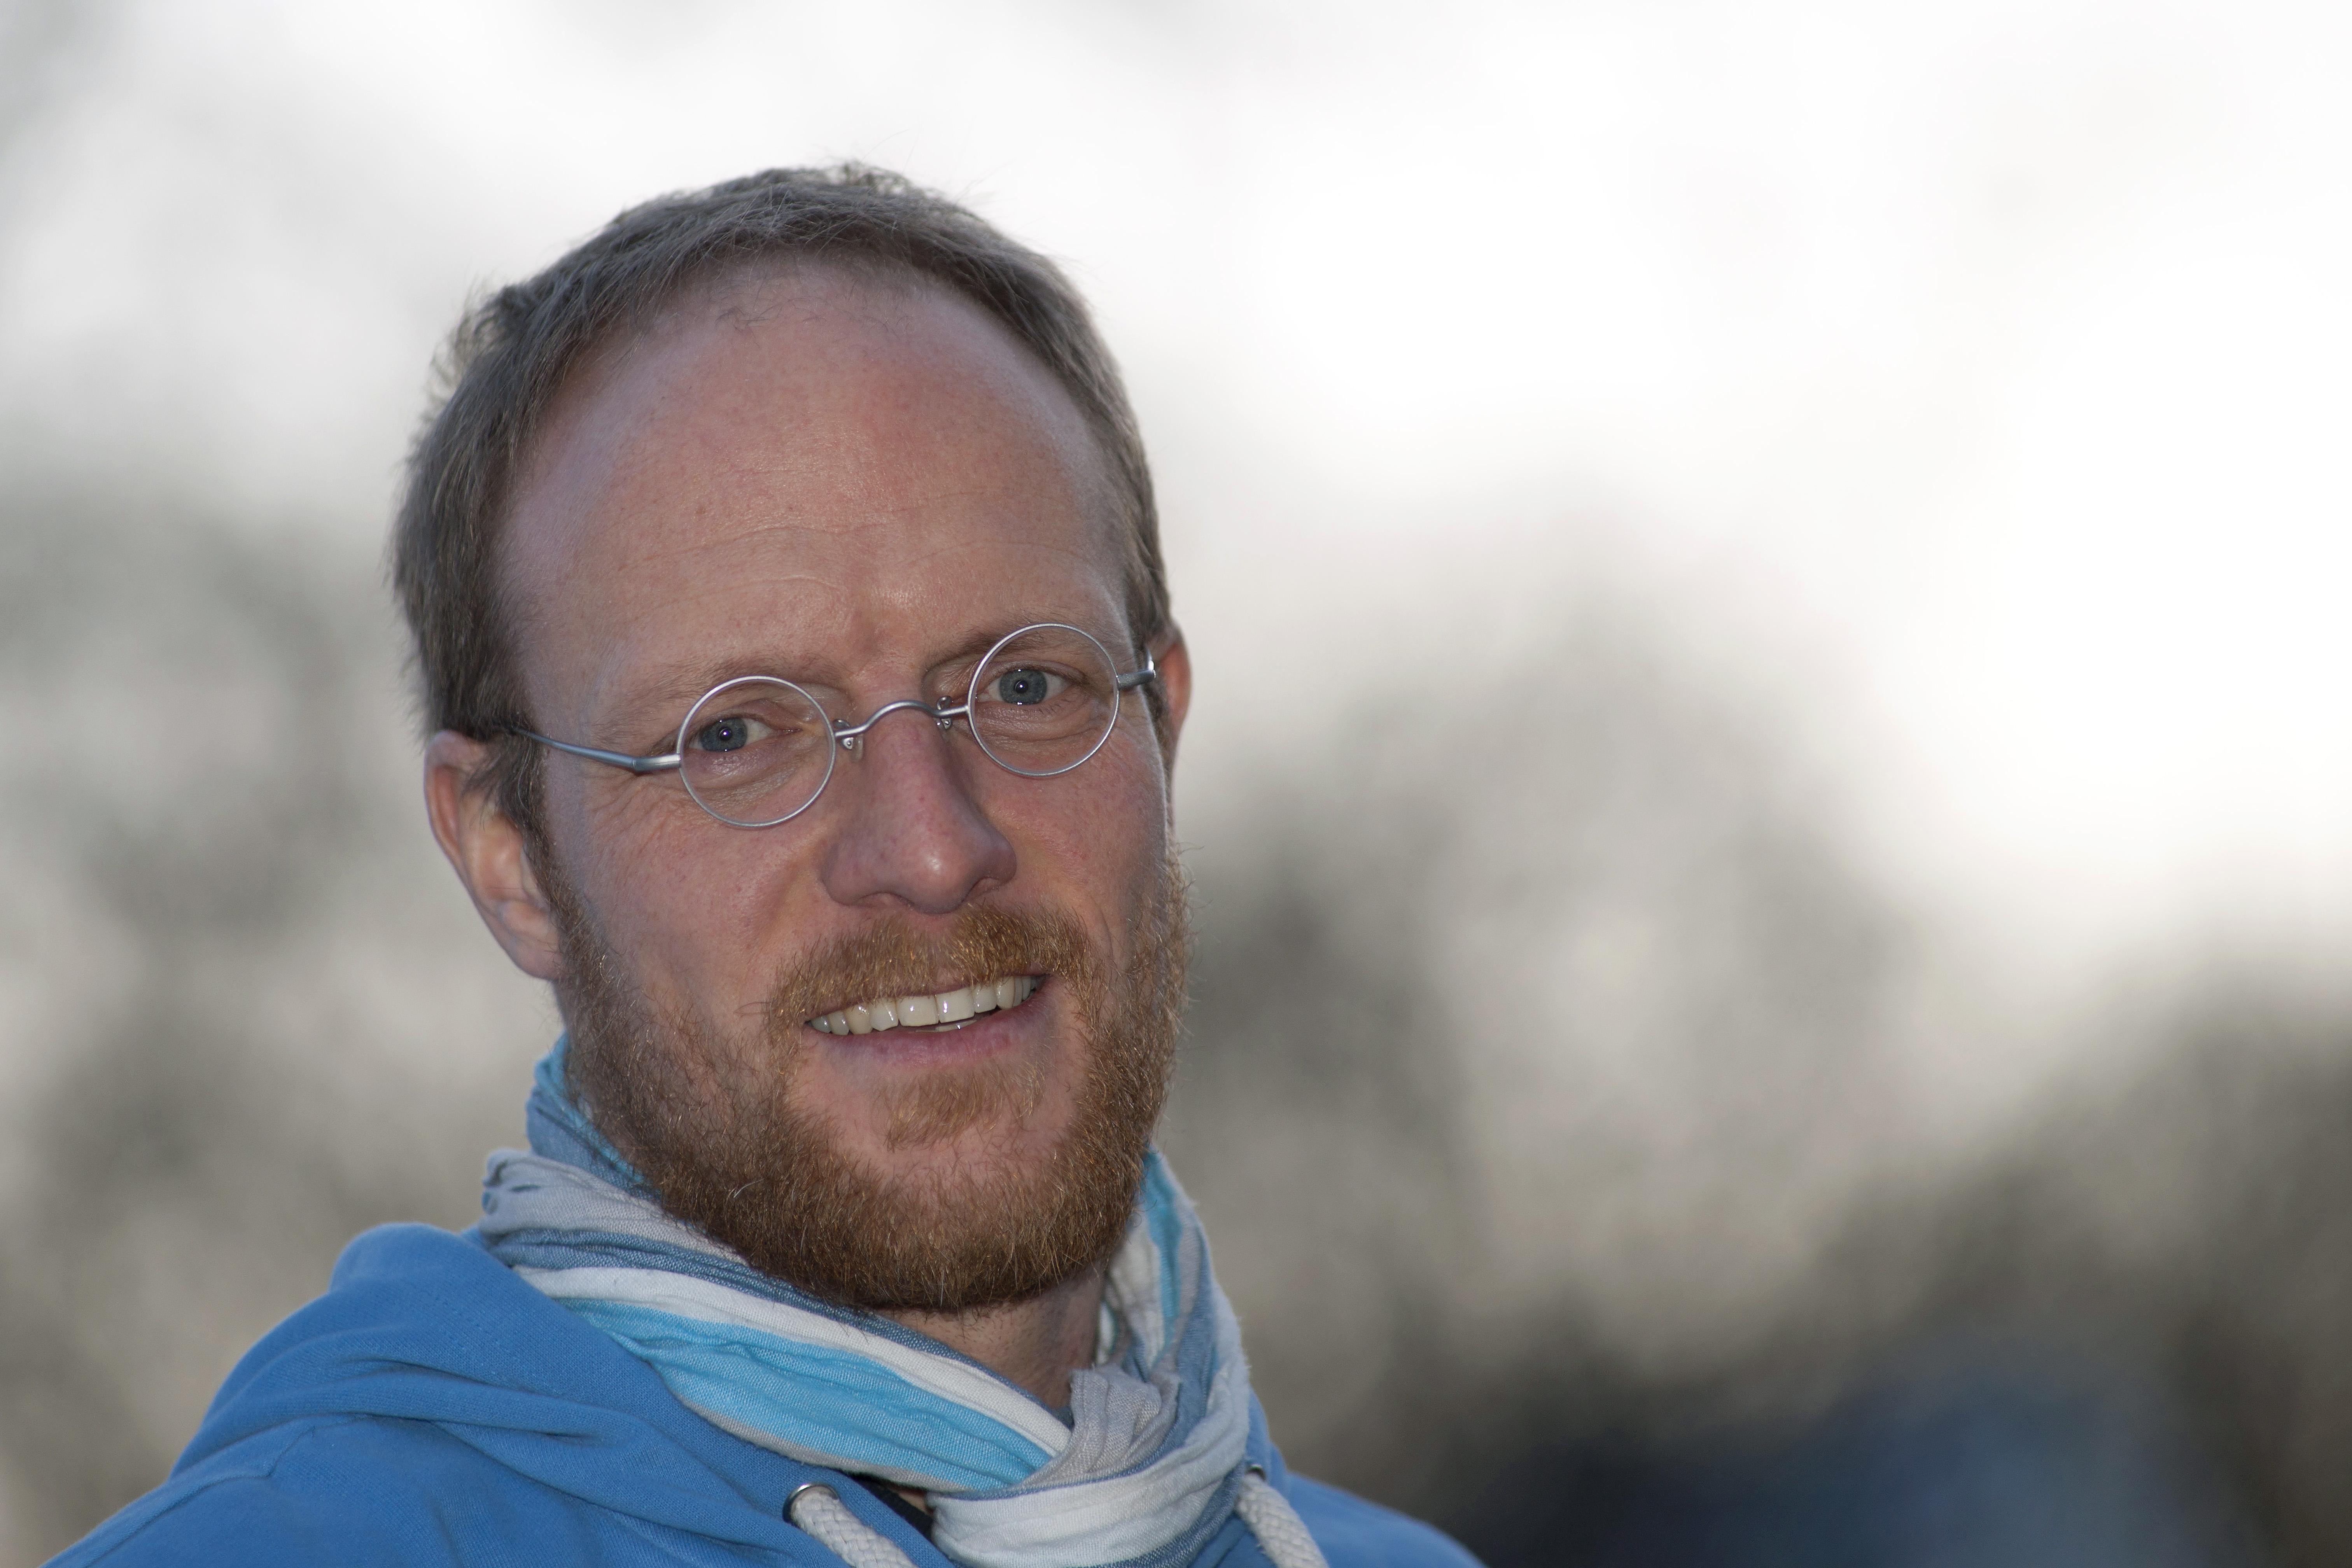 <b>Stefan Schorr</b>, Jahrgang 1974, arbeitet als freier Journalist und Fotograf ... - STS_20130312_Stefan11